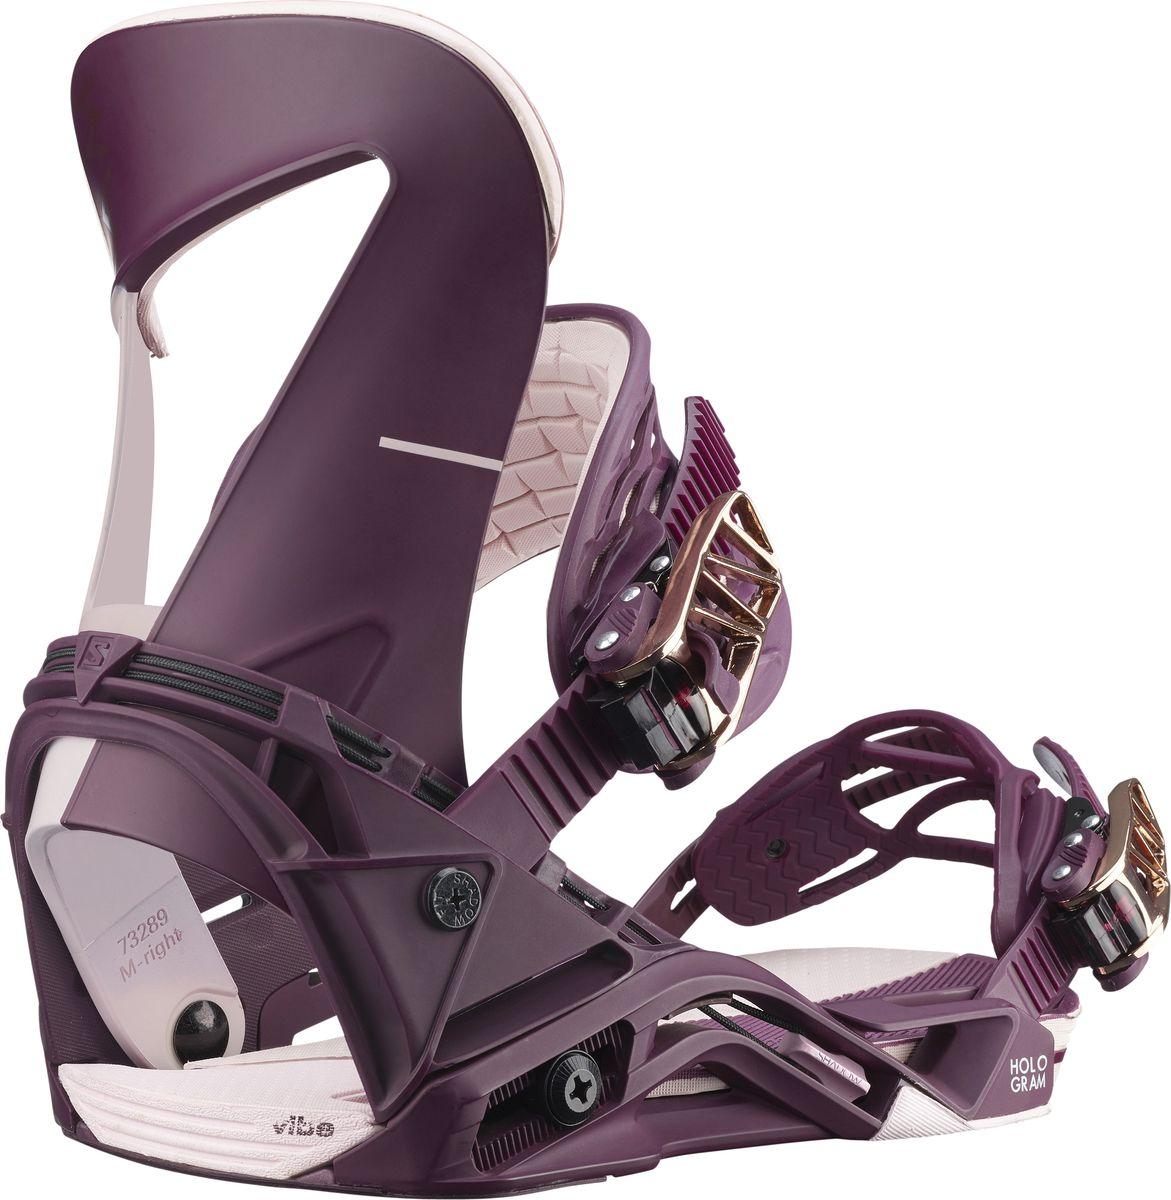 Крепления для сноуборда Salomon Hologram W, цвет: фиолетовый. Размер S (35-39,5)